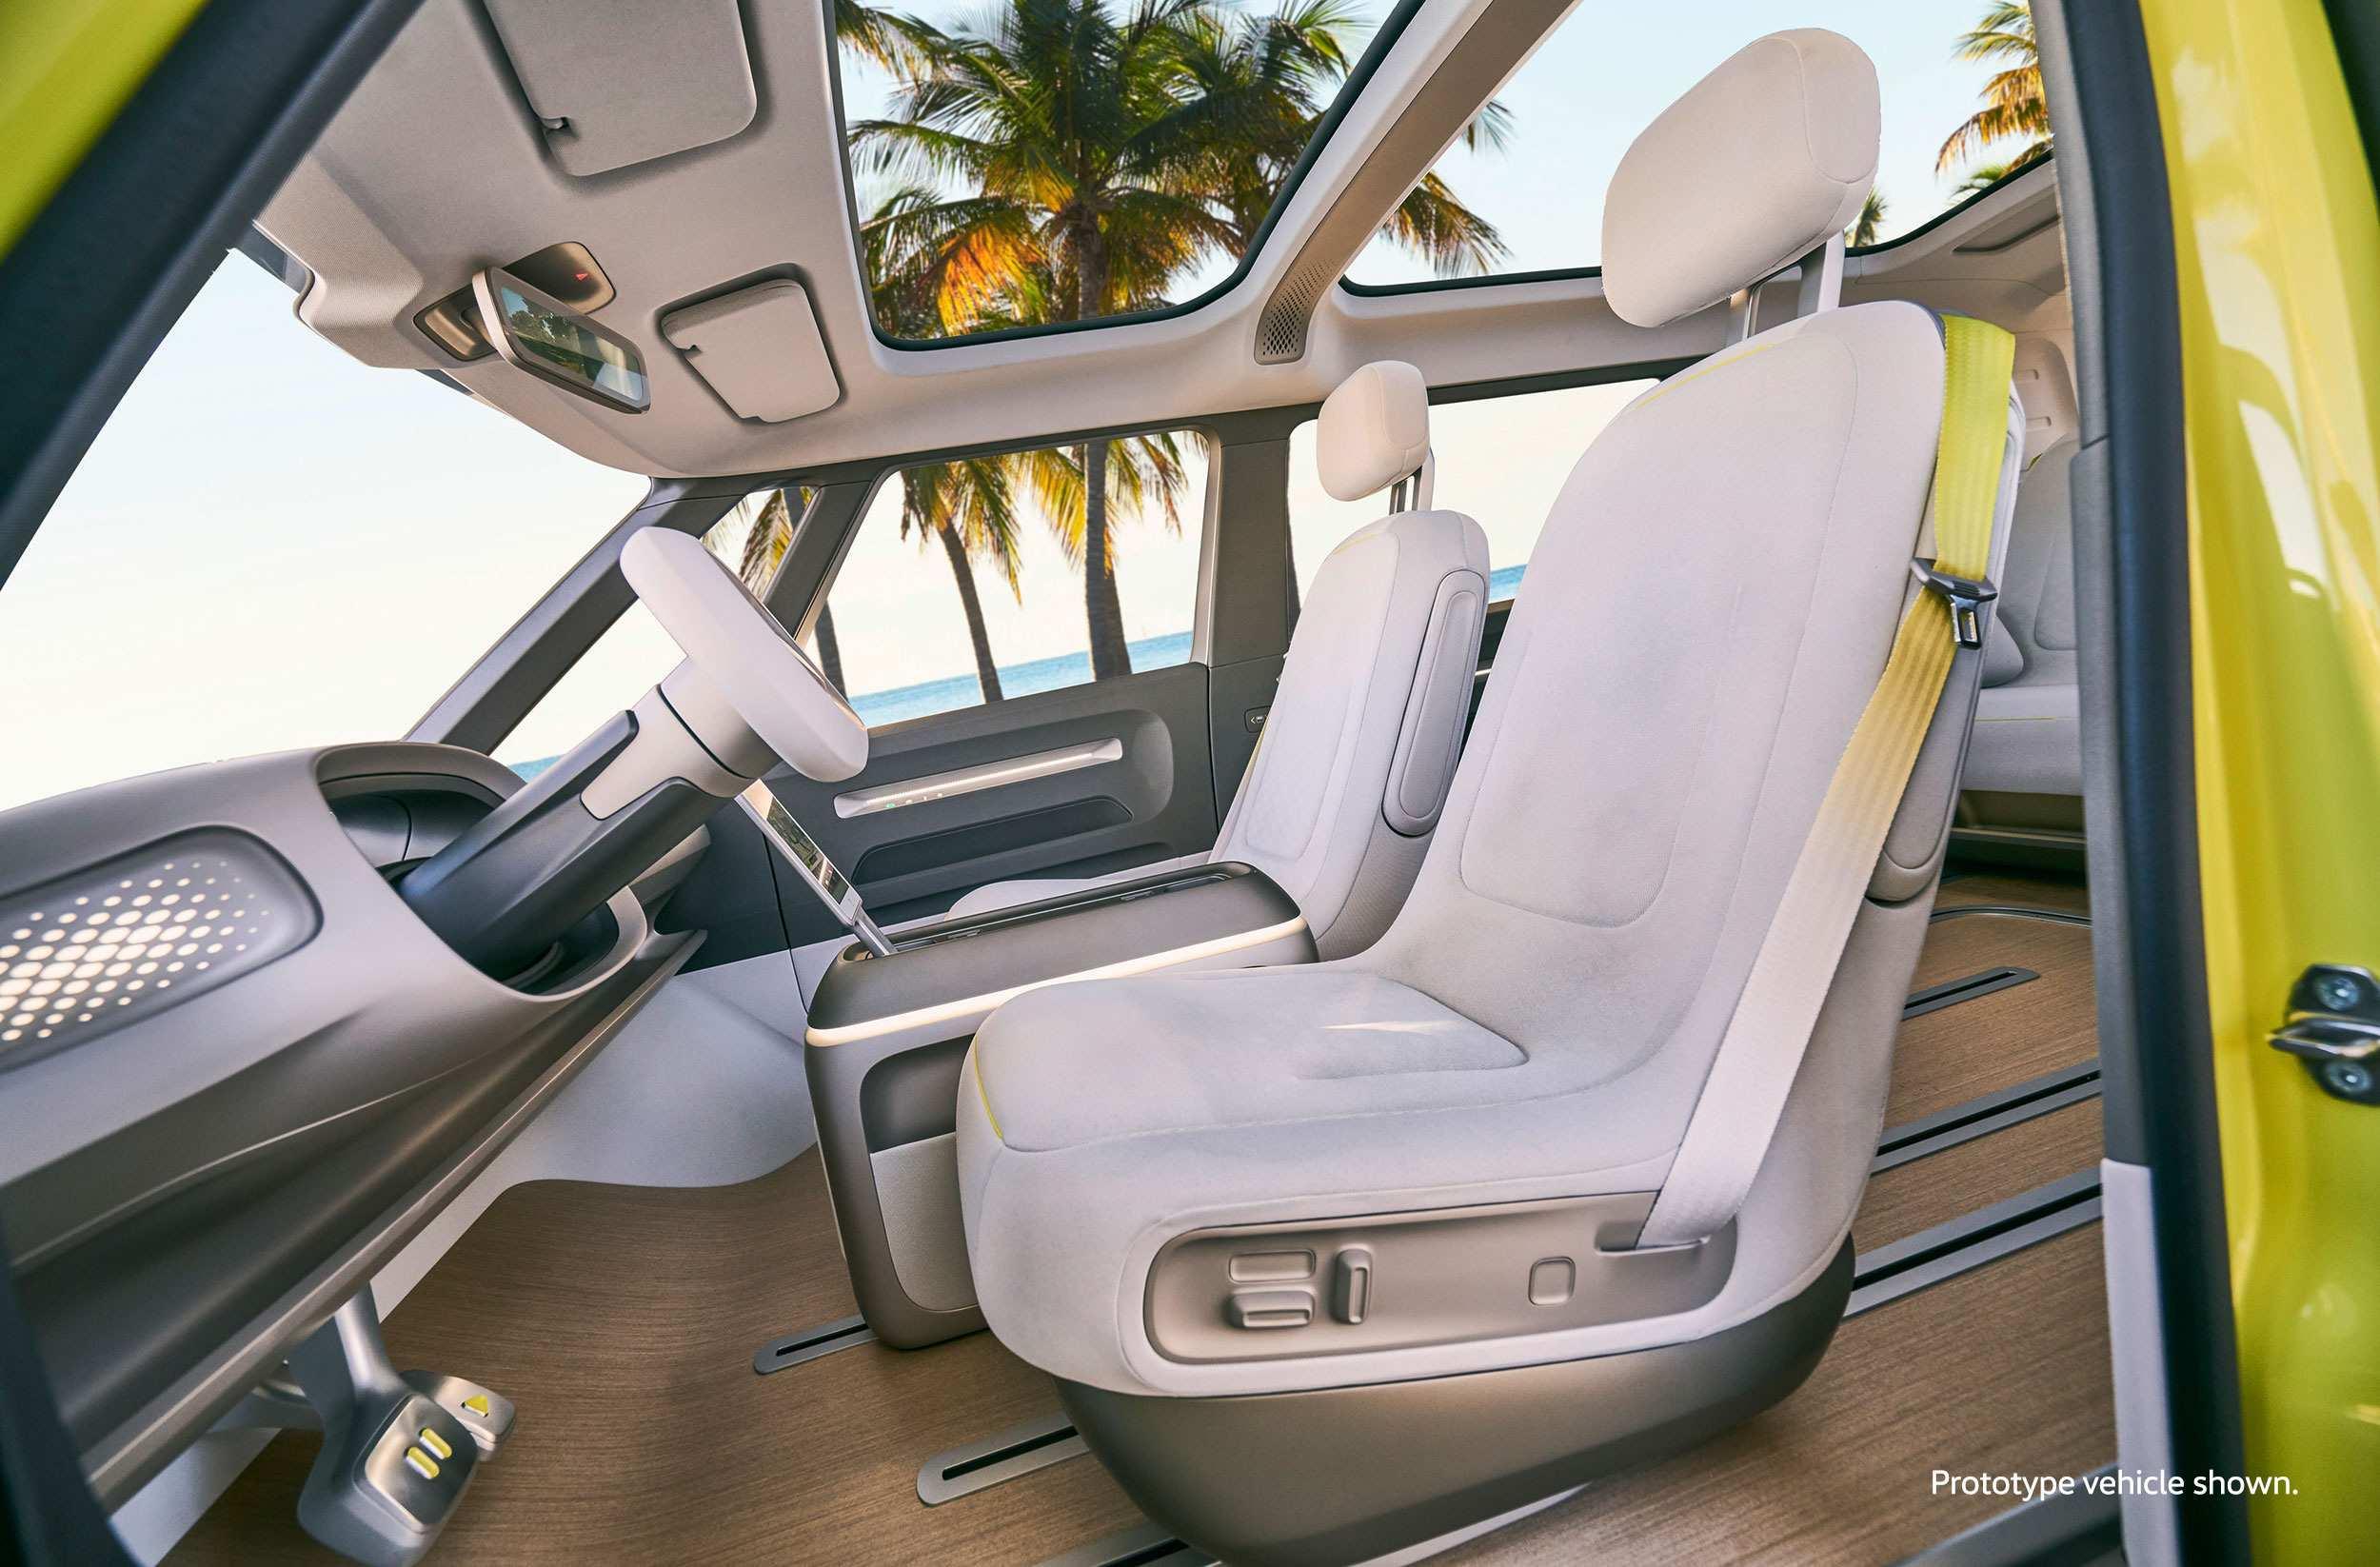 78 All New 2020 Volkswagen Bus Speed Test with 2020 Volkswagen Bus